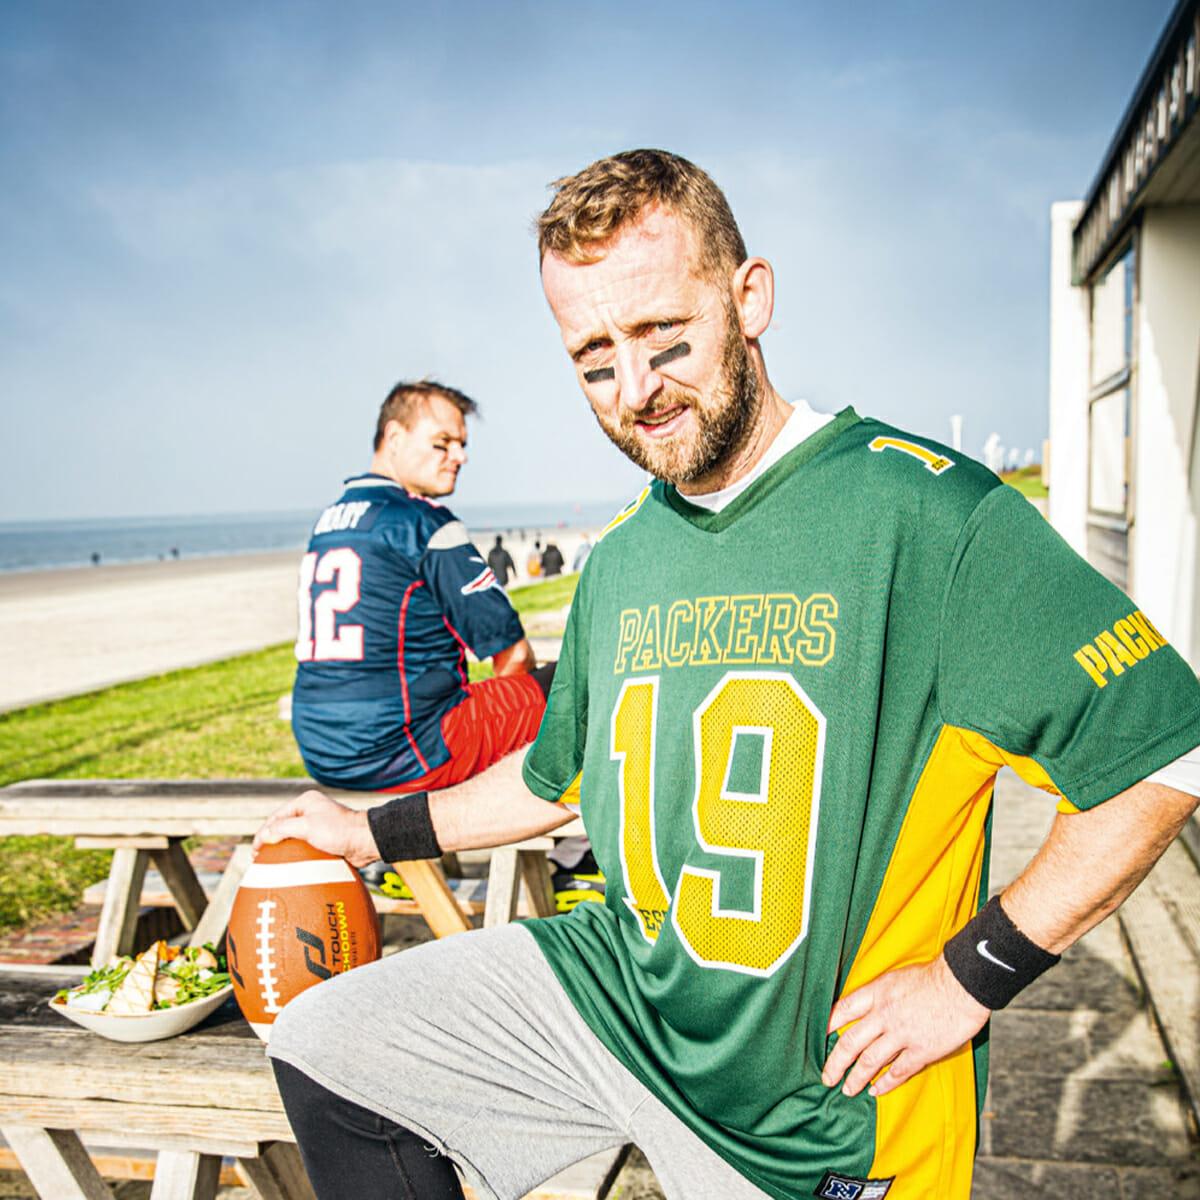 Küchenchef Jörg Gericke bei einem speziellen Super Bowl am Weststrand von Norderney